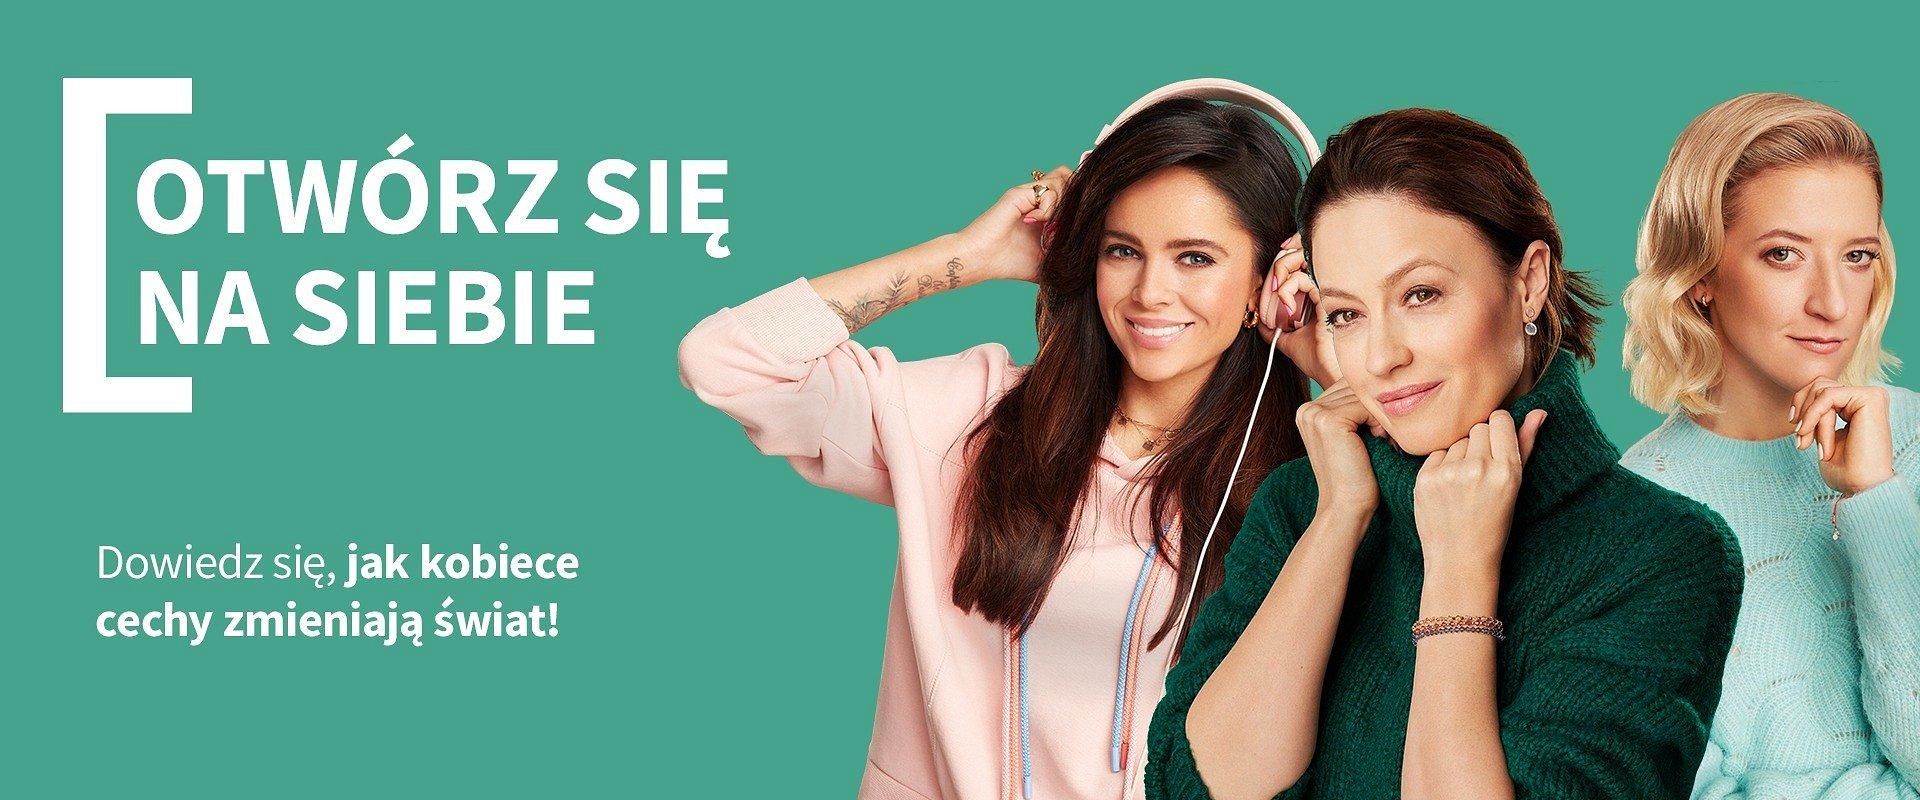 Magdalena Różczka, Gabi Drzewiecka i Lara Gessler w nowej kampanii Porta